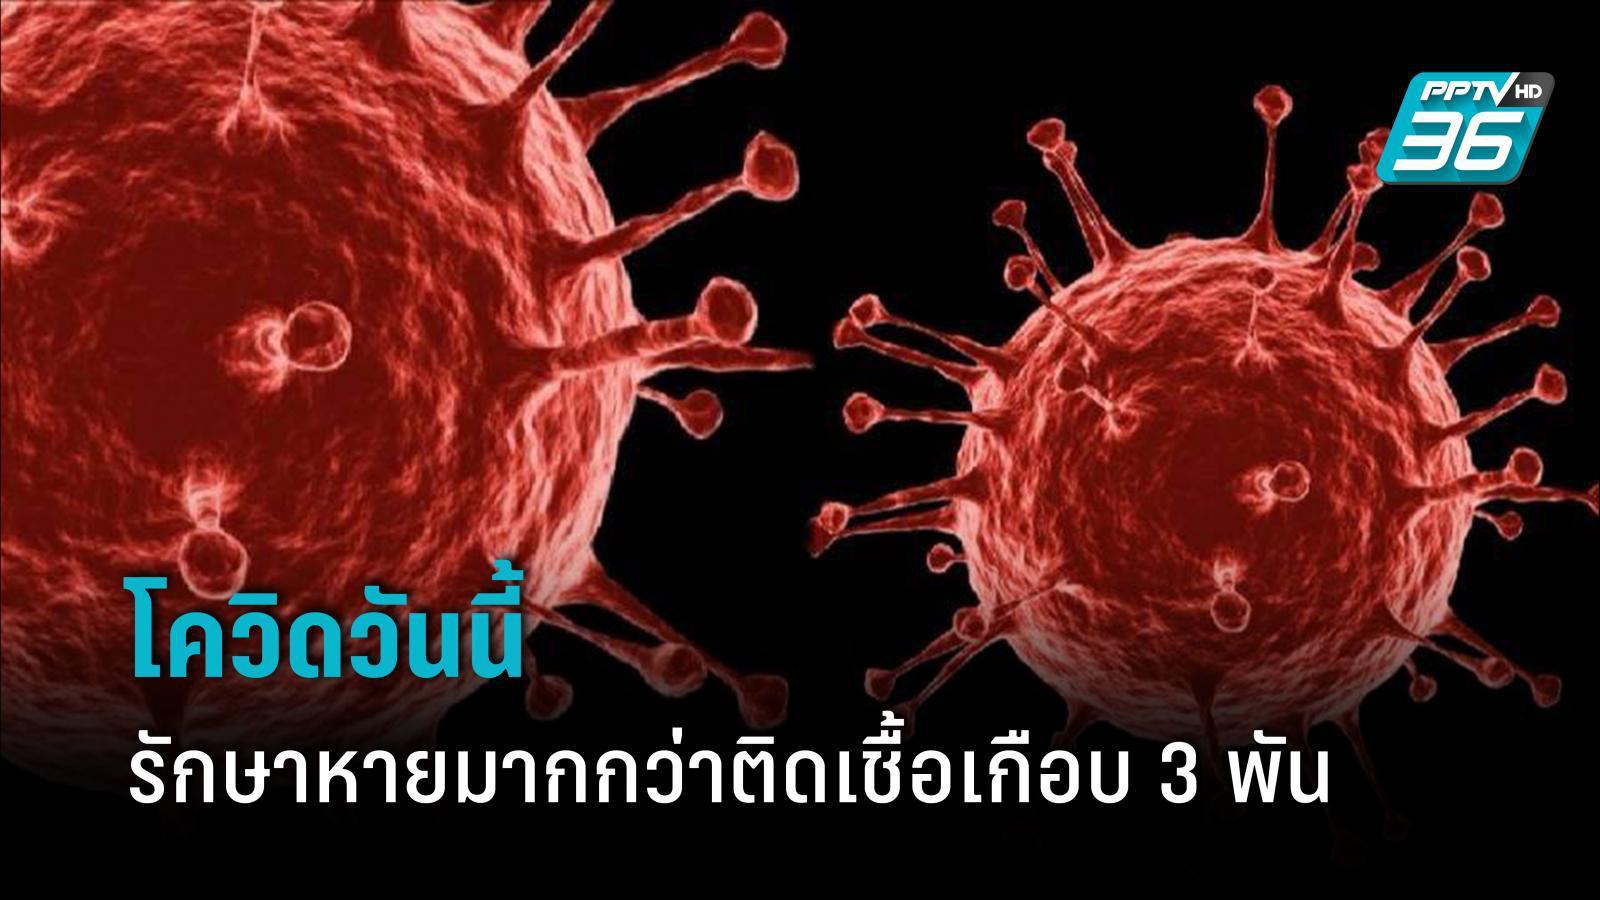 ศบค. เผย โควิดวันนี้ รักษาหายมากกว่าติดเชื้อ ยอดสะสมไทยรั้งอันดับ 29 ของโลก  : PPTVHD36